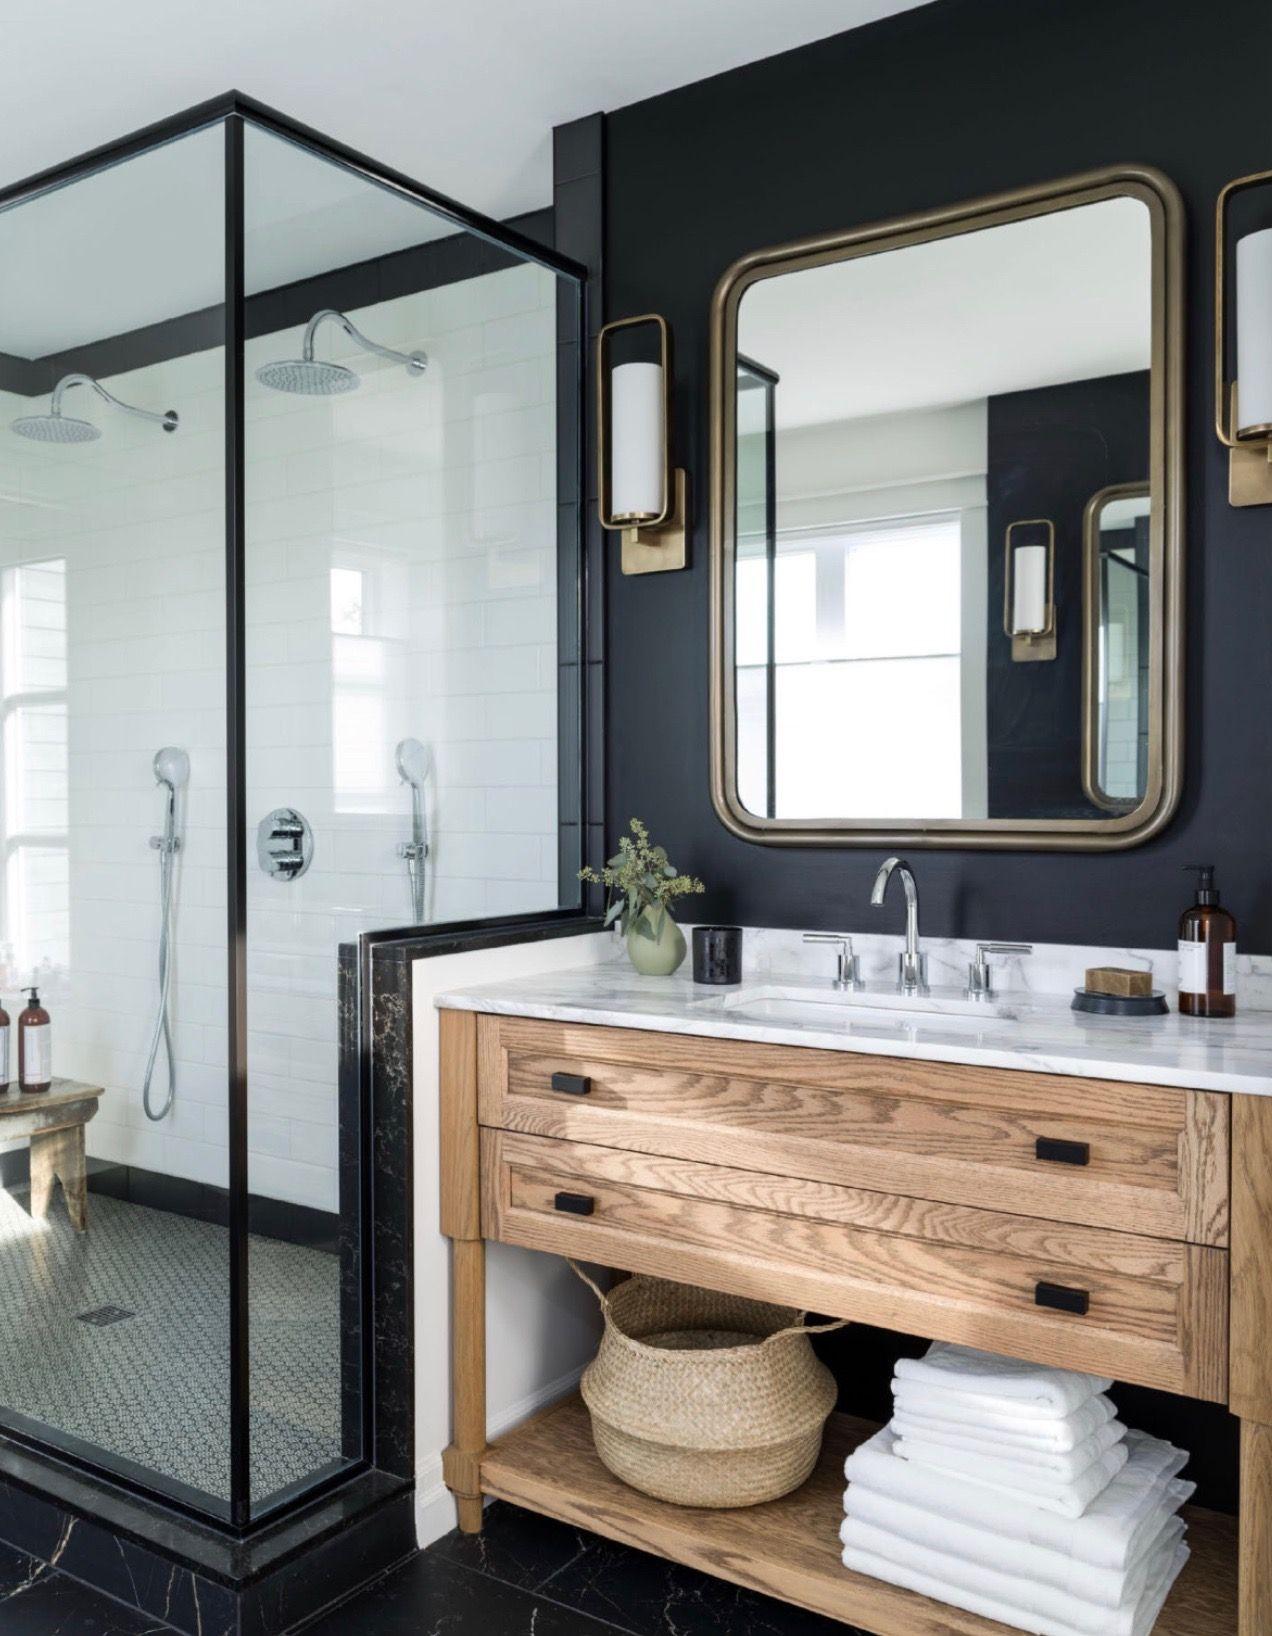 Modern Bathroom with Dark Walls - Natural Wood Vanity ...